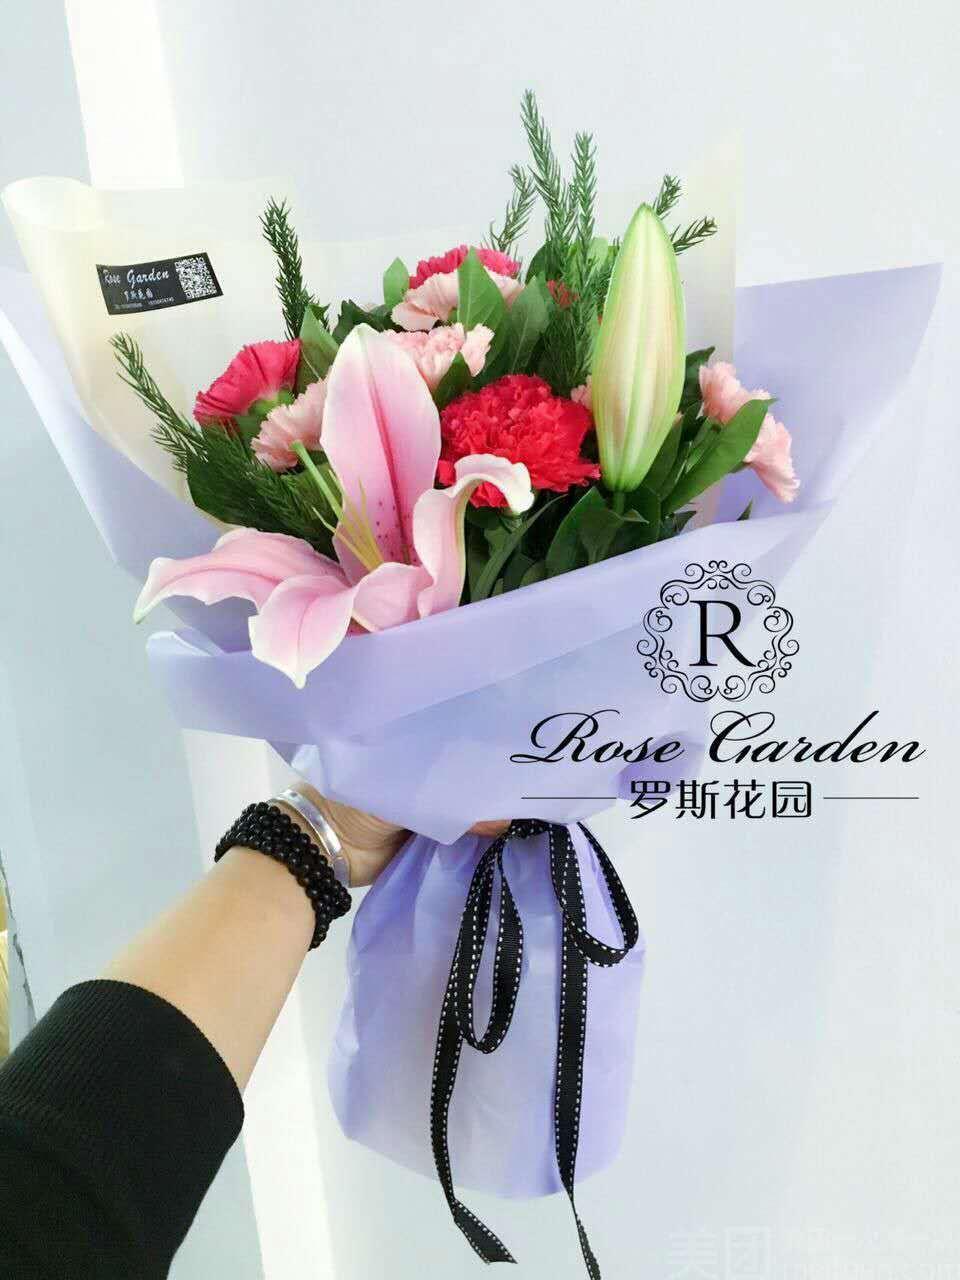 罗斯花园花店 11支玫瑰 11支康乃馨 2支百合花束2选1 美团网